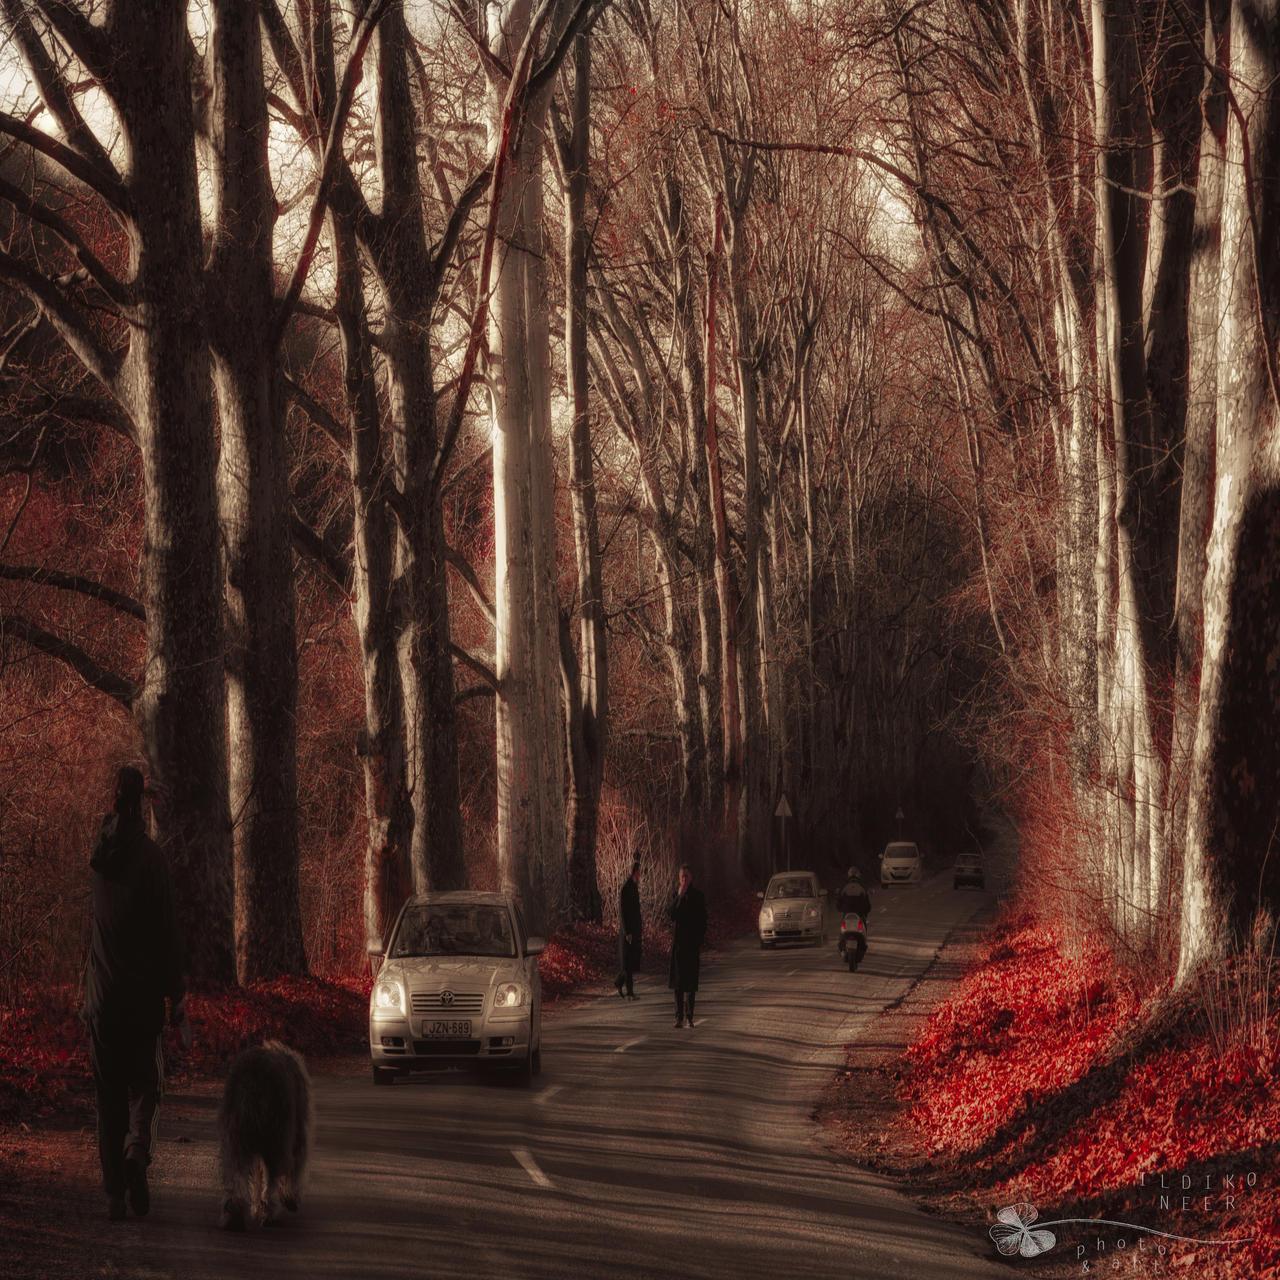 parallel wolrd by ildiko-neer